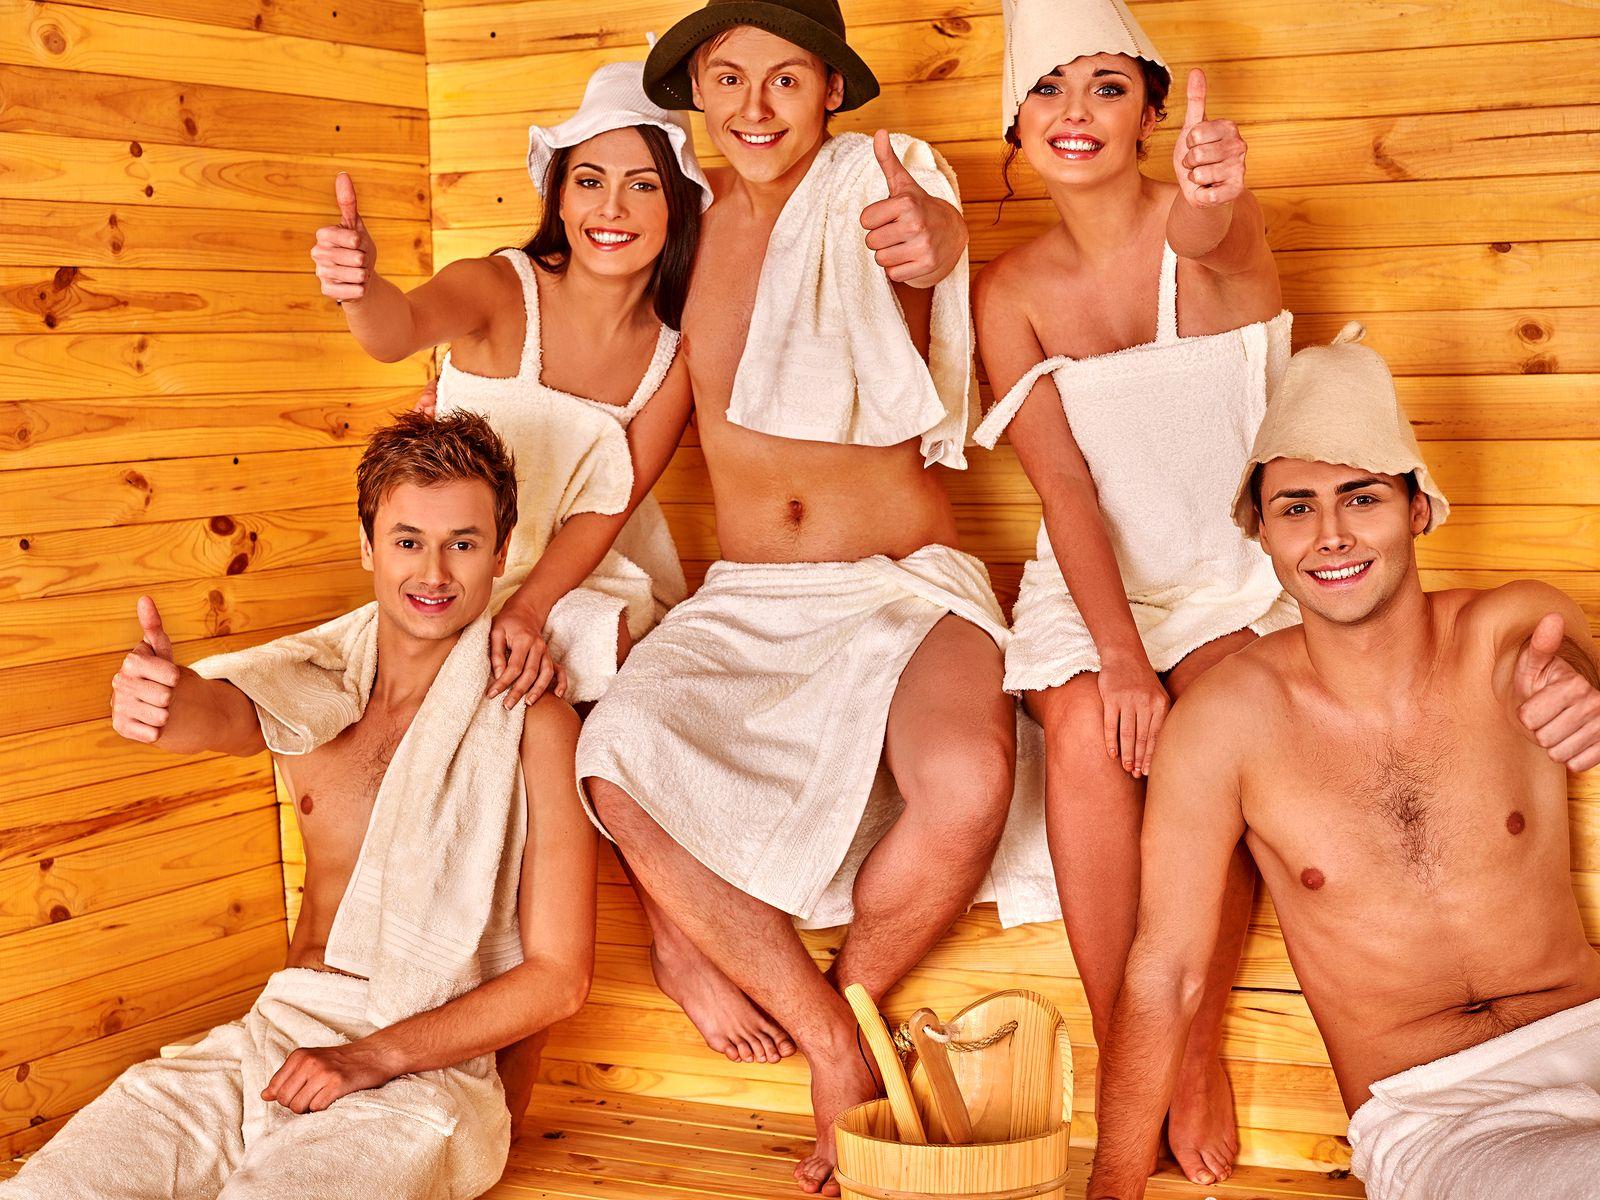 глупости, молодости групповые развлечения в русской бане устроила